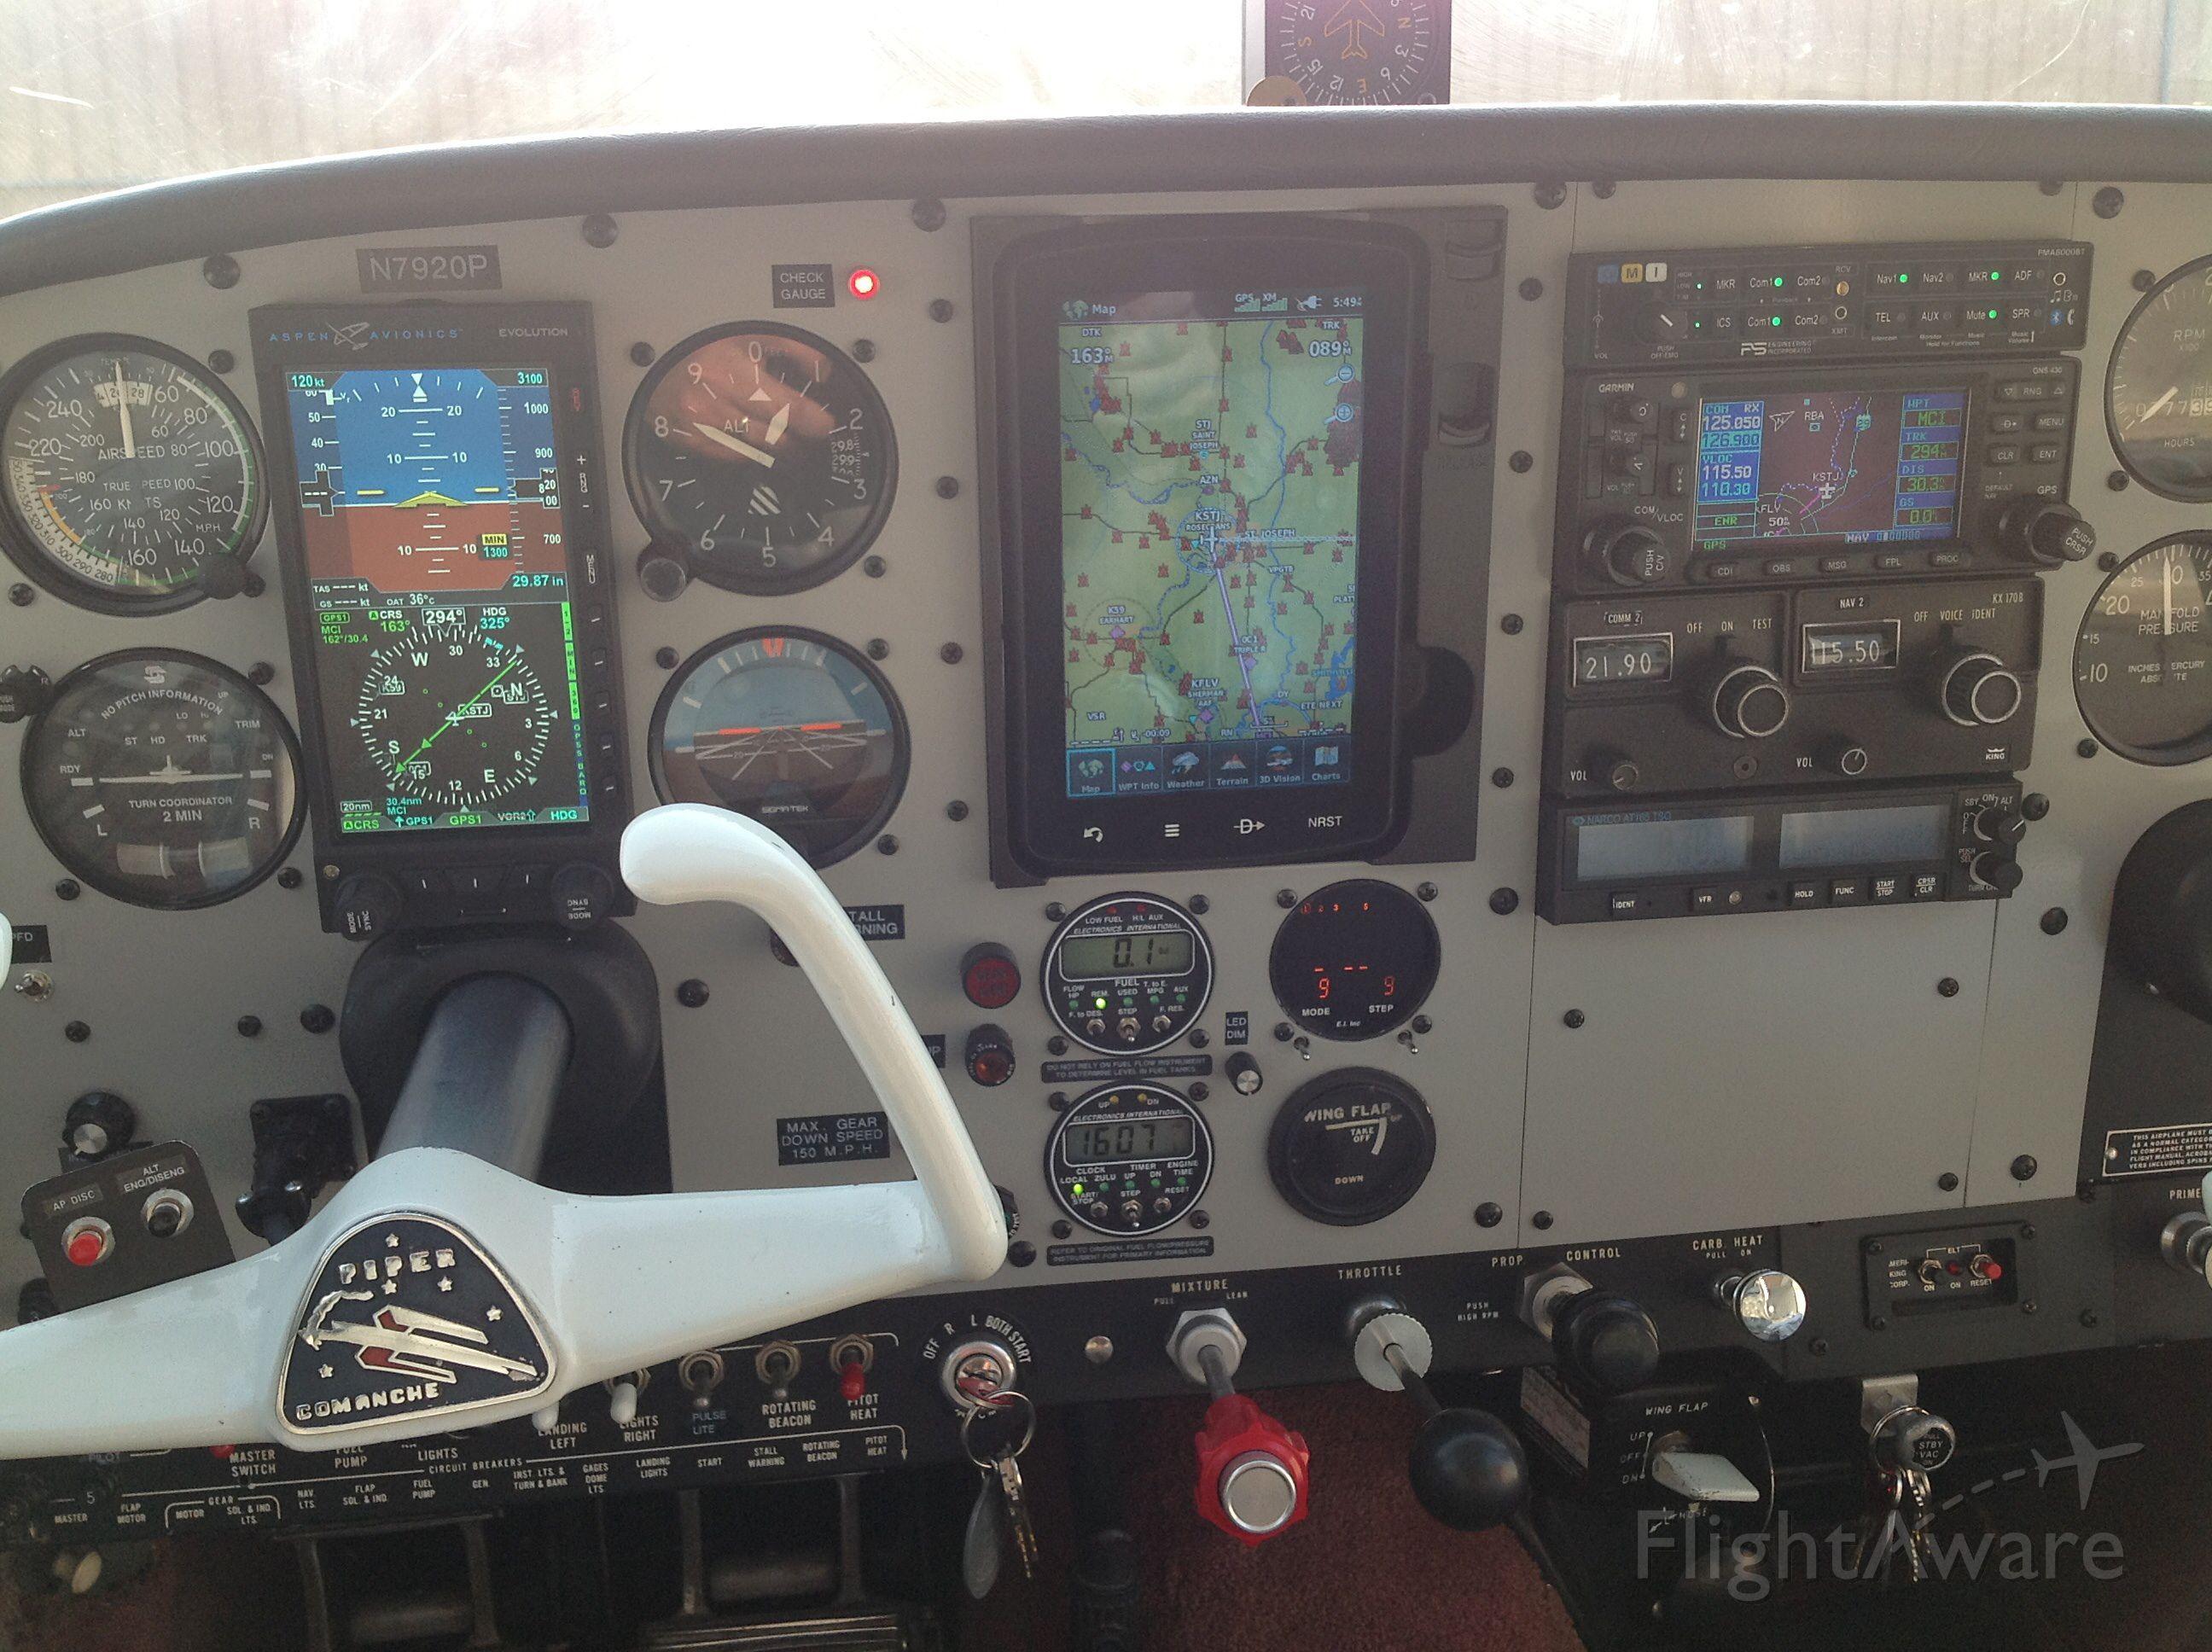 Piper PA-24 Comanche (N7920P)